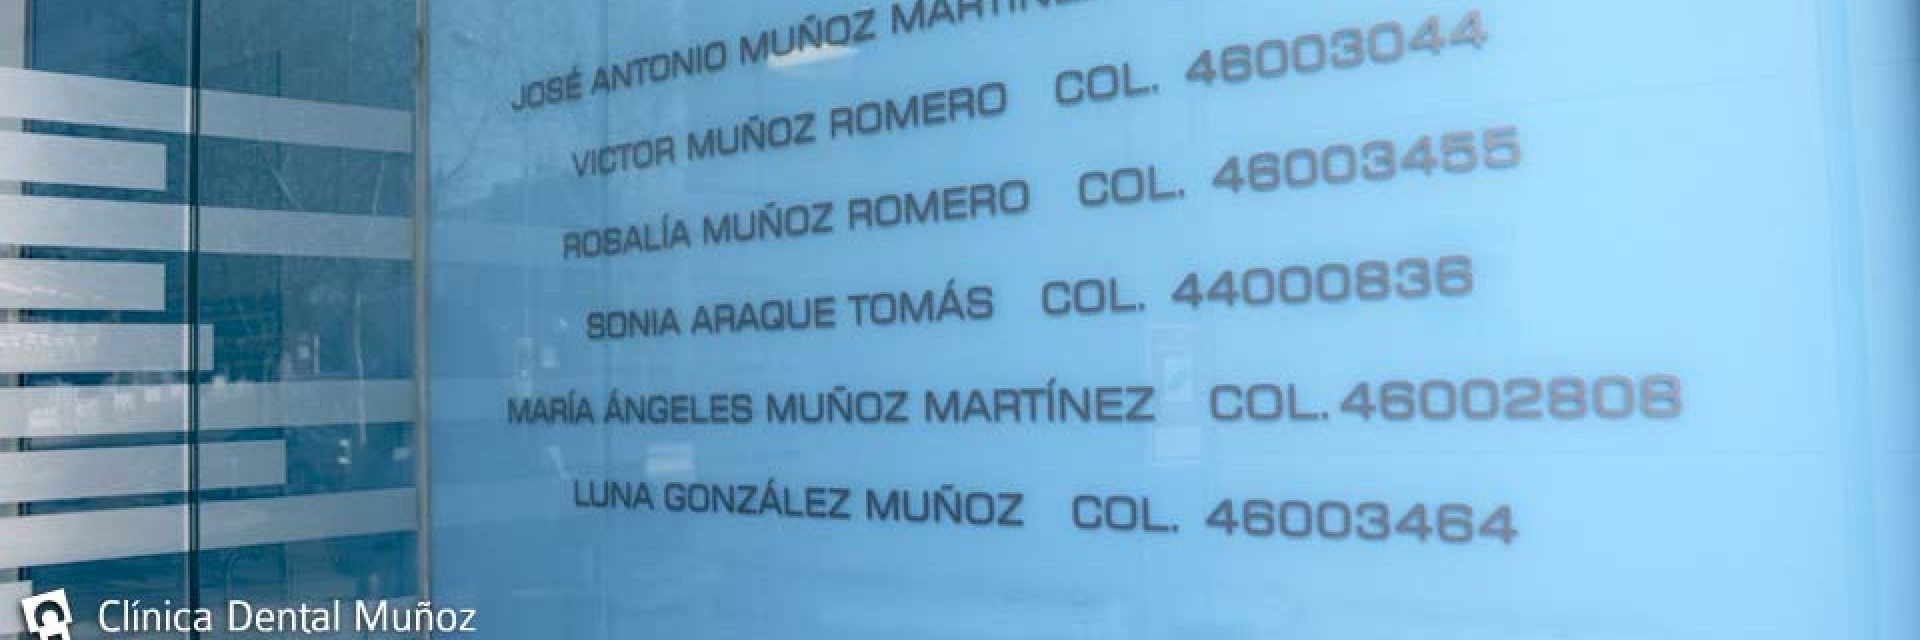 Clínicas Dentales Muñoz